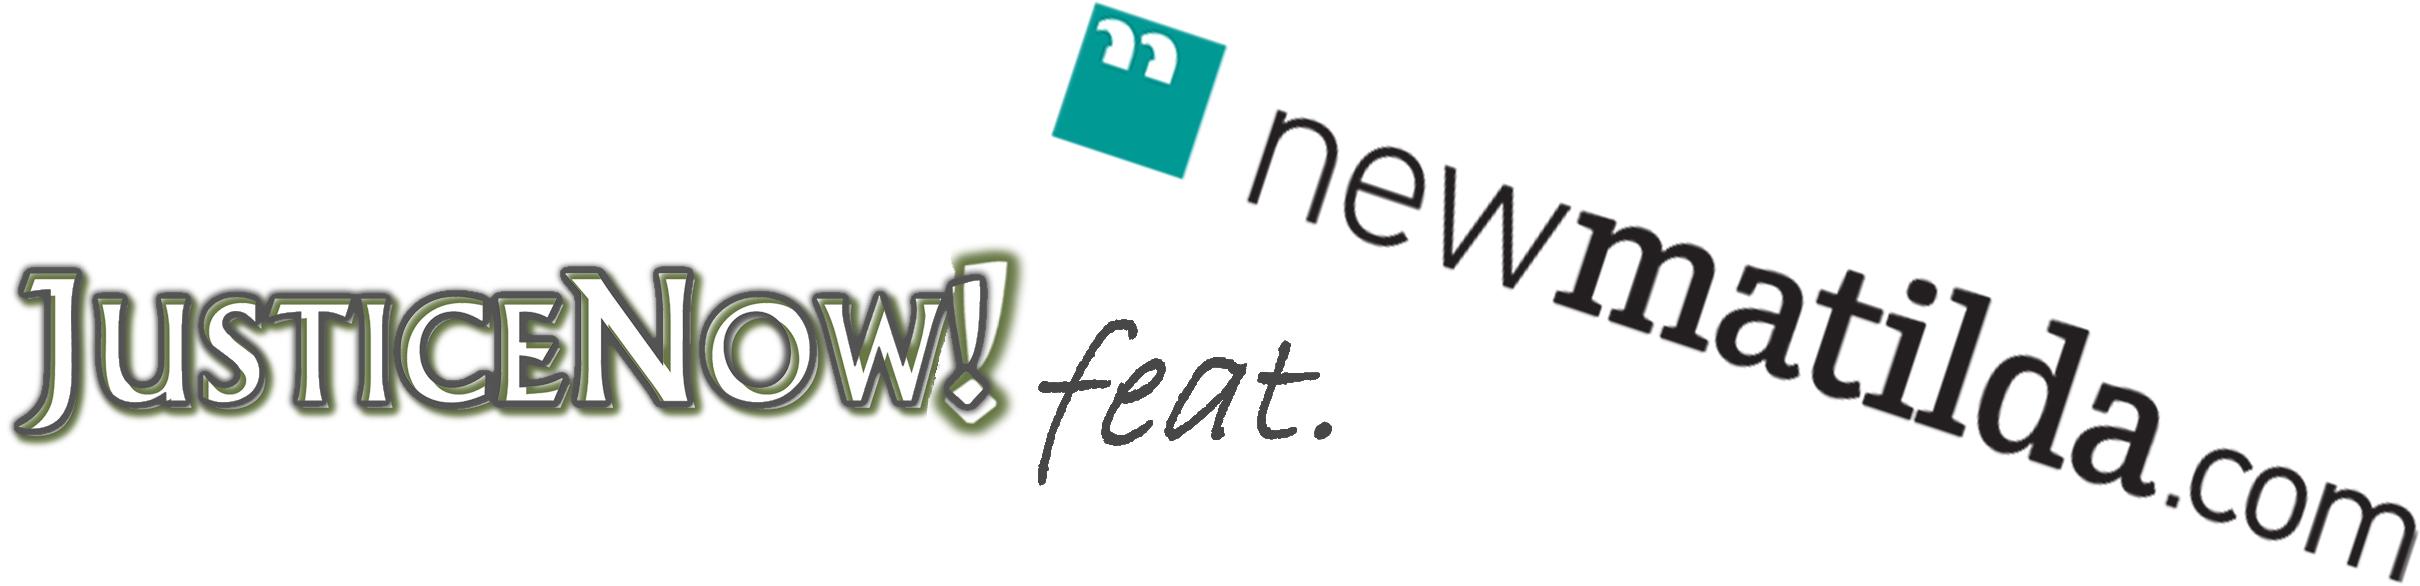 JN-feat-newmatilda